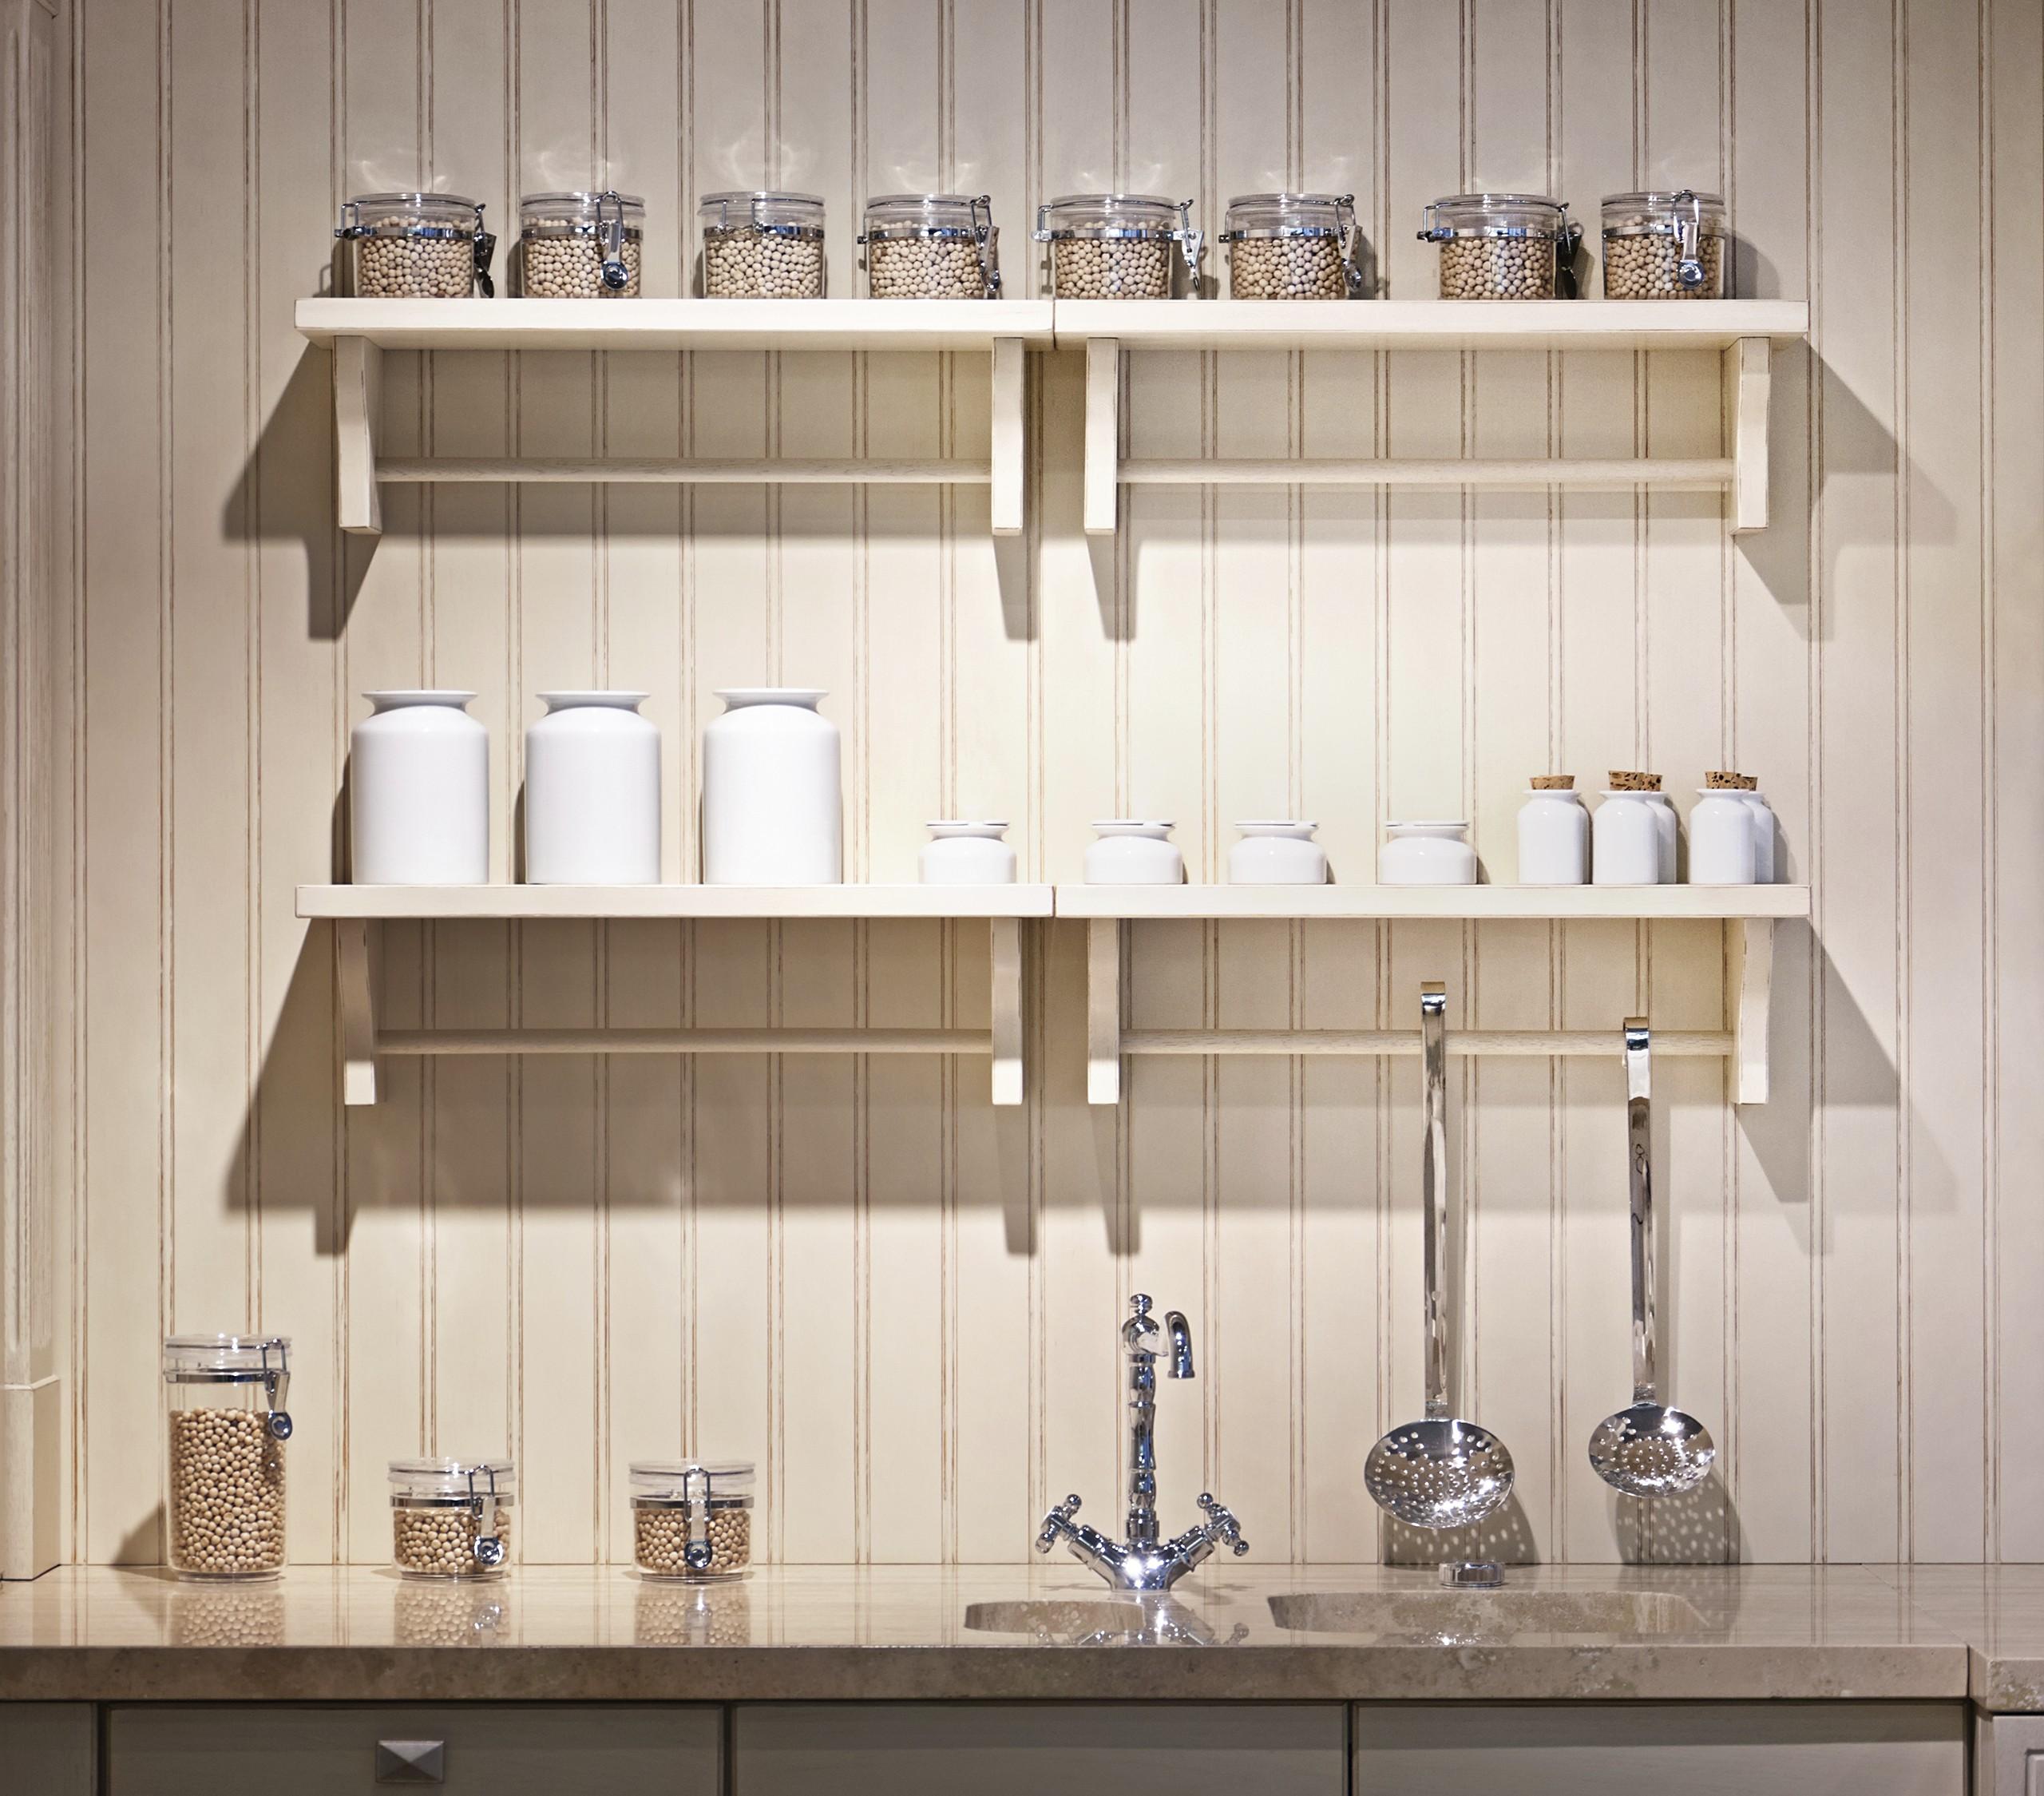 9 Desain Dapur Sederhana Untuk Kamu Yang Berbudget Terbatas